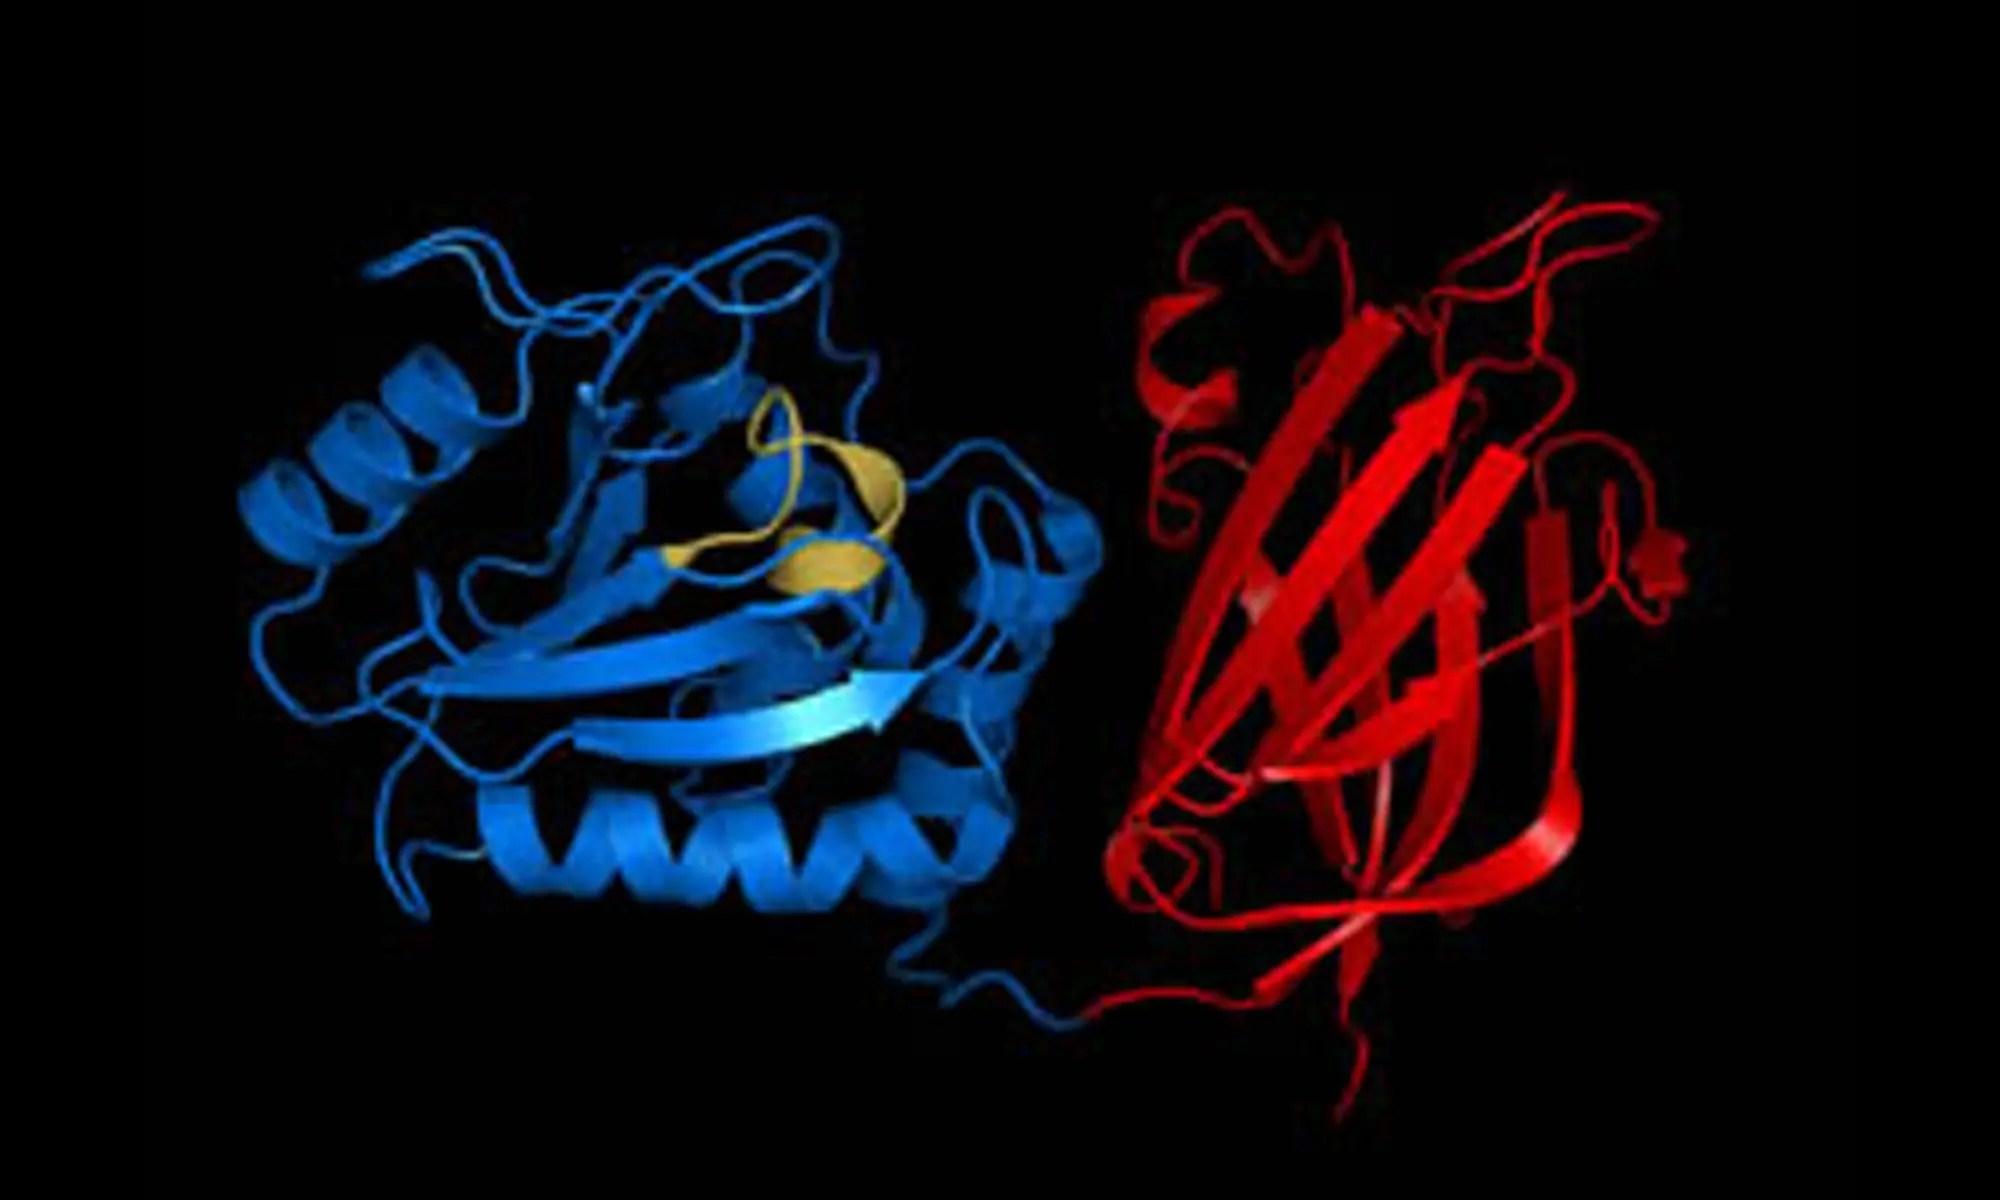 image of PTEN gene